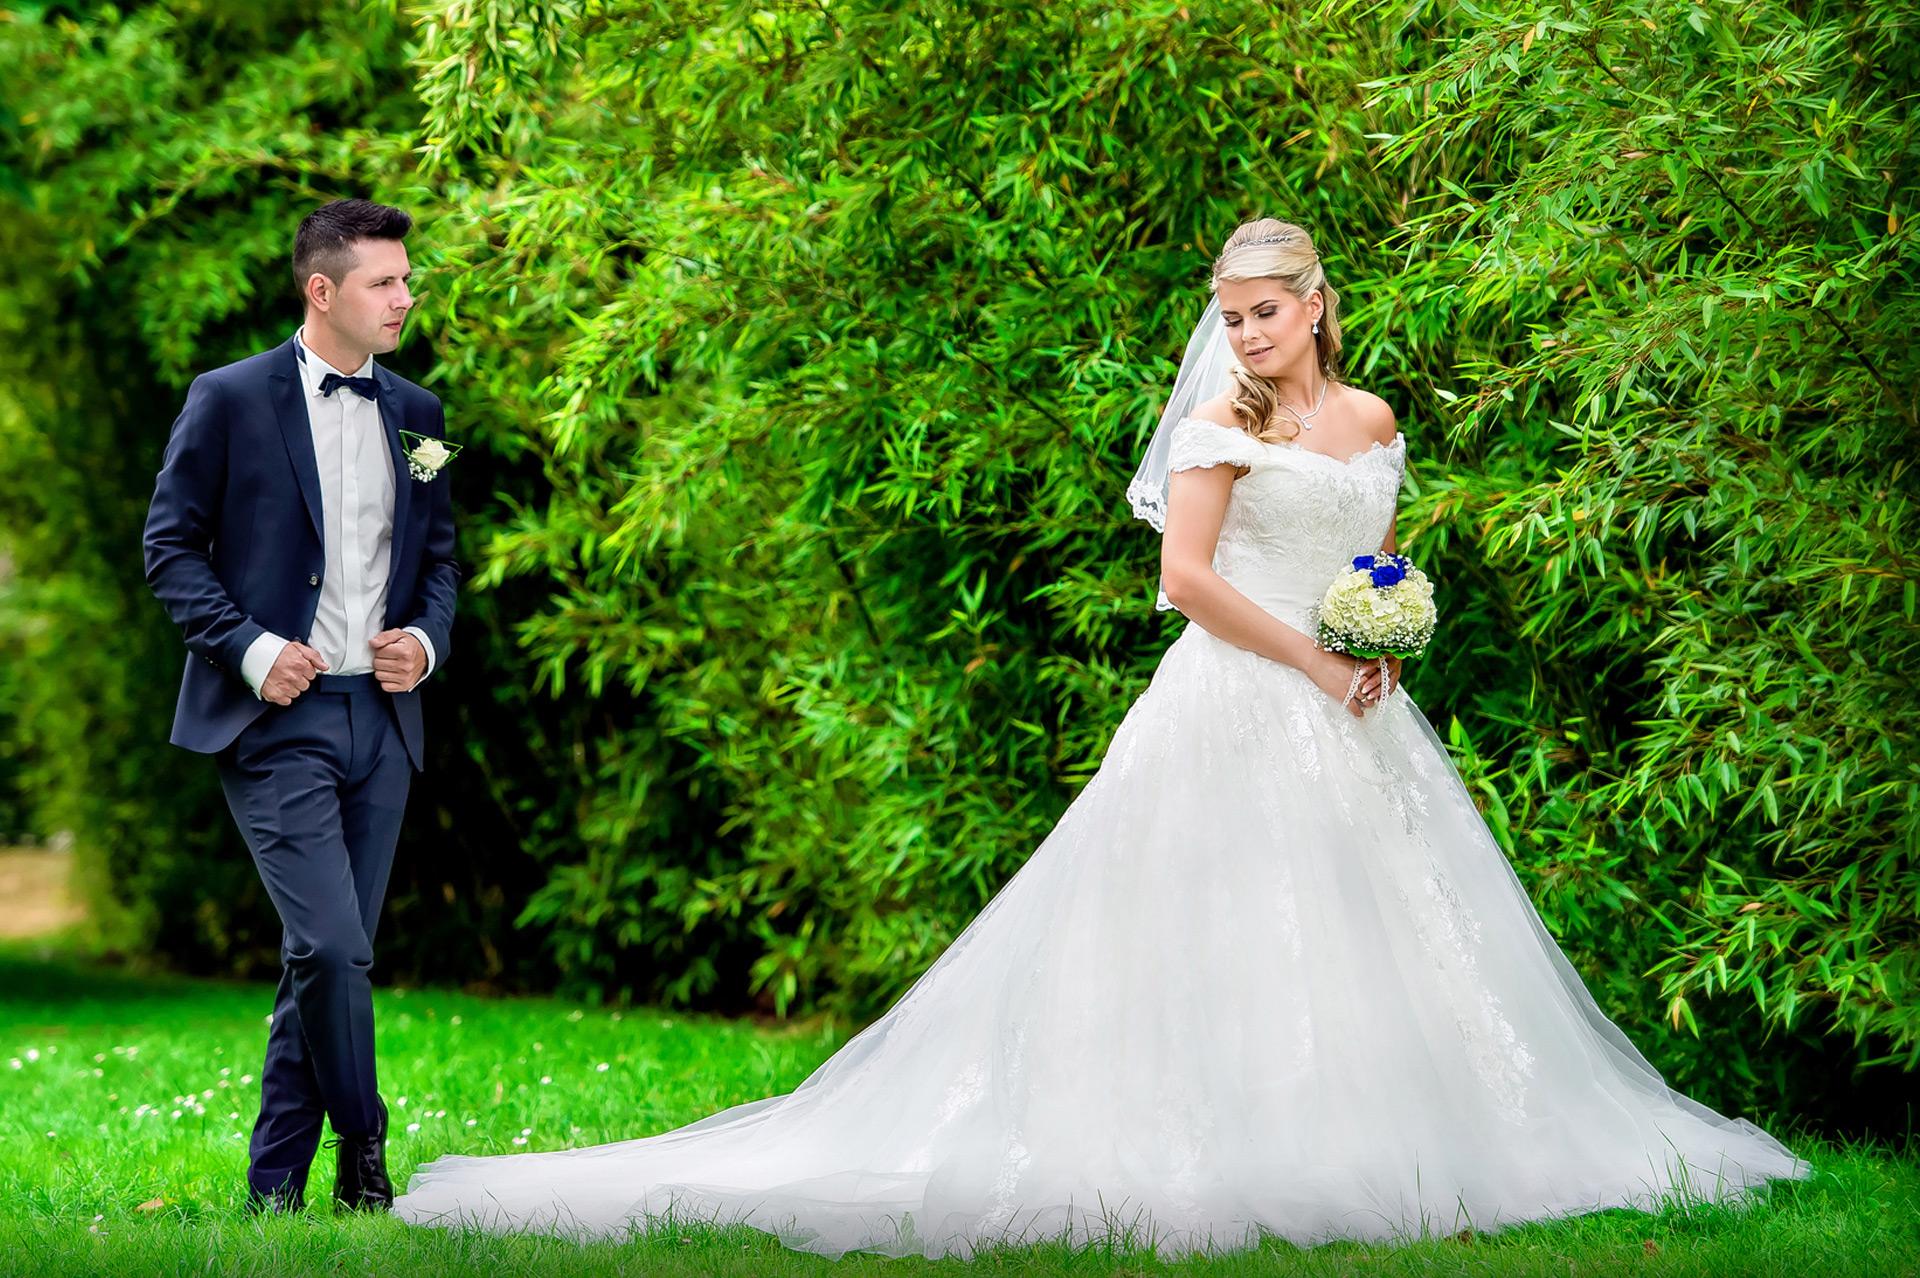 Fotografie, fotograf, Fotograf Goslar, Fotograf Braunschweig, Hochzeitsfilm, Hochzeitsfilmer